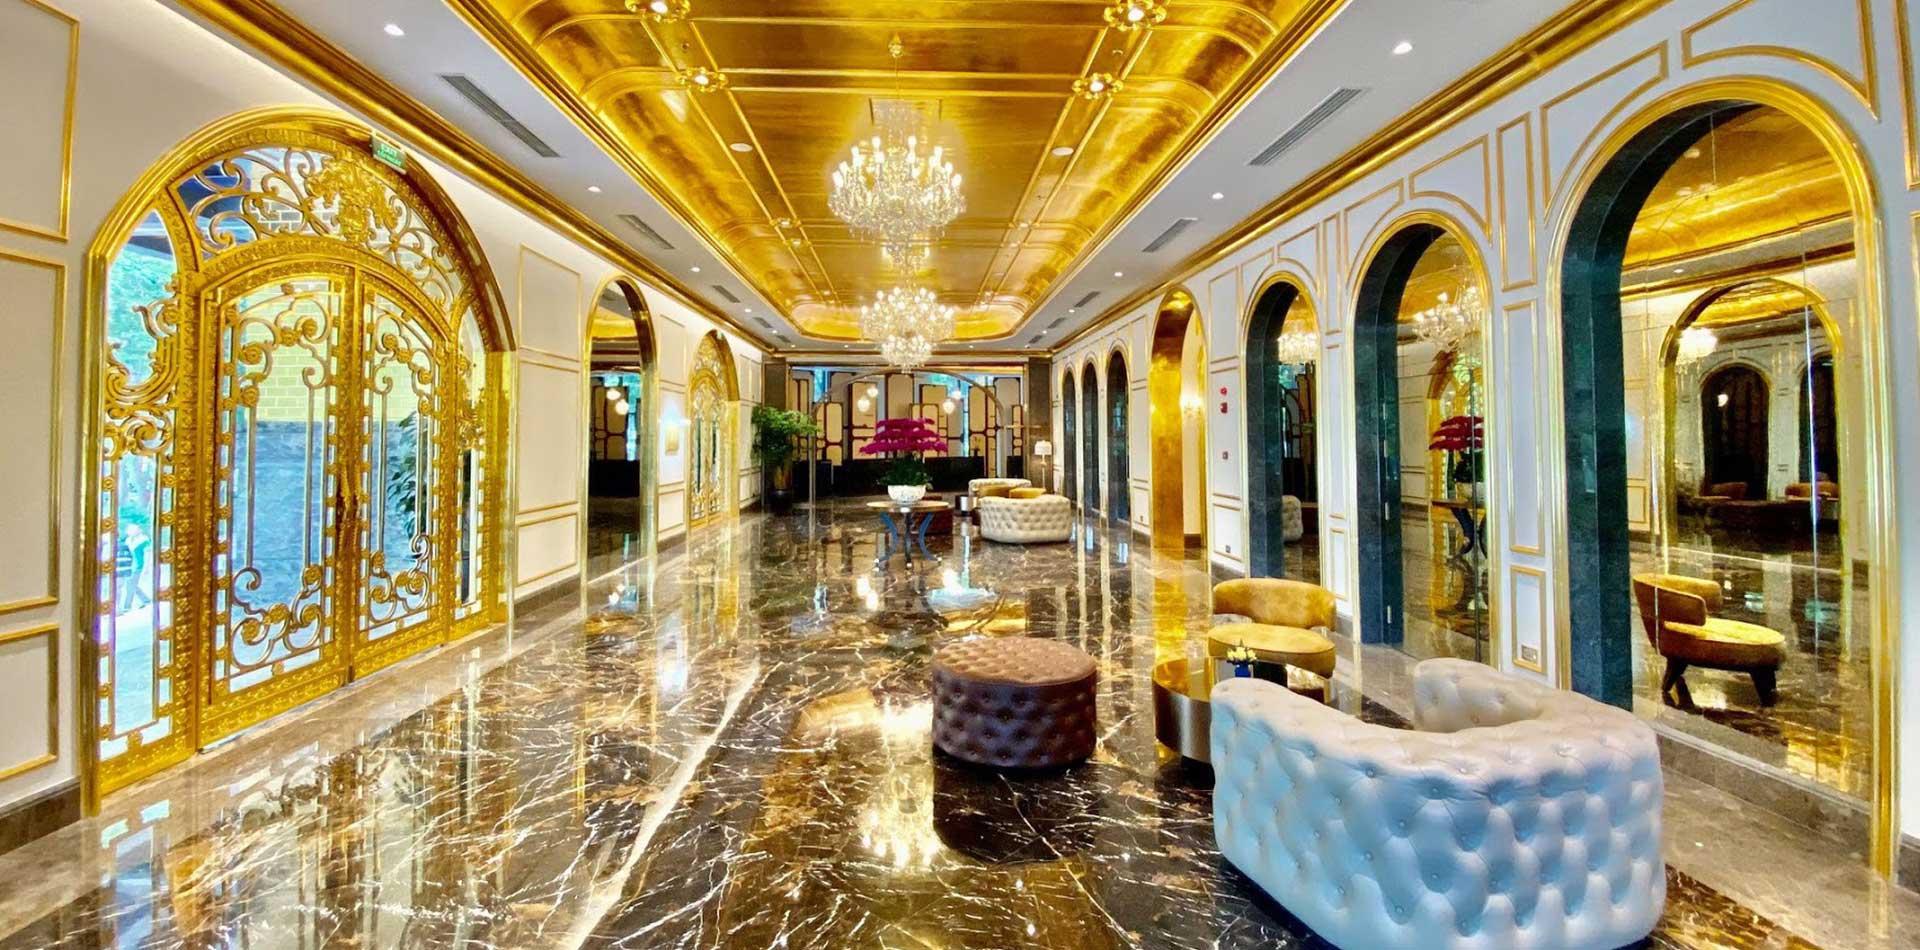 Những bất động sản dát vàng hàng trăm tỷ đồng - Ảnh 1.